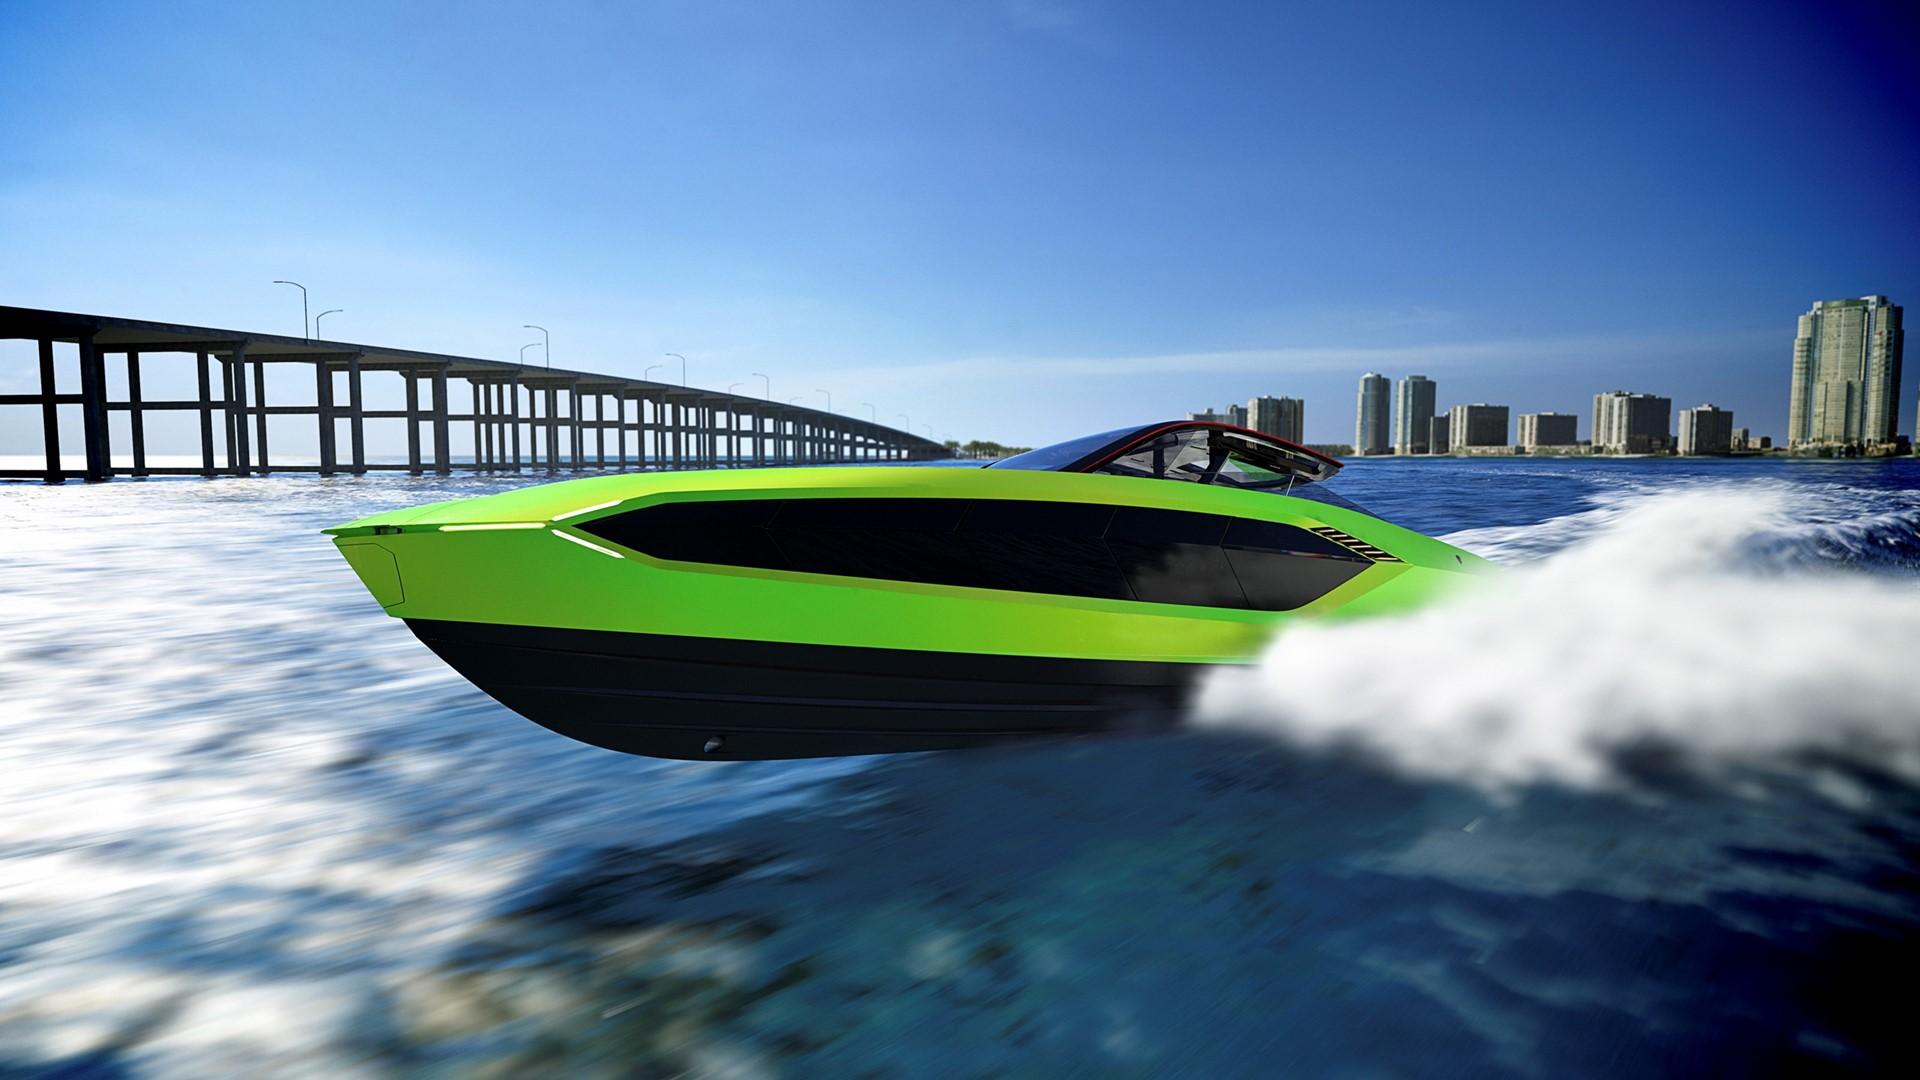 Automobili Lamborghini and The Italian Sea Group unveil the motor yacht 'Tecnomar for Lamborghini 63' - Image 3